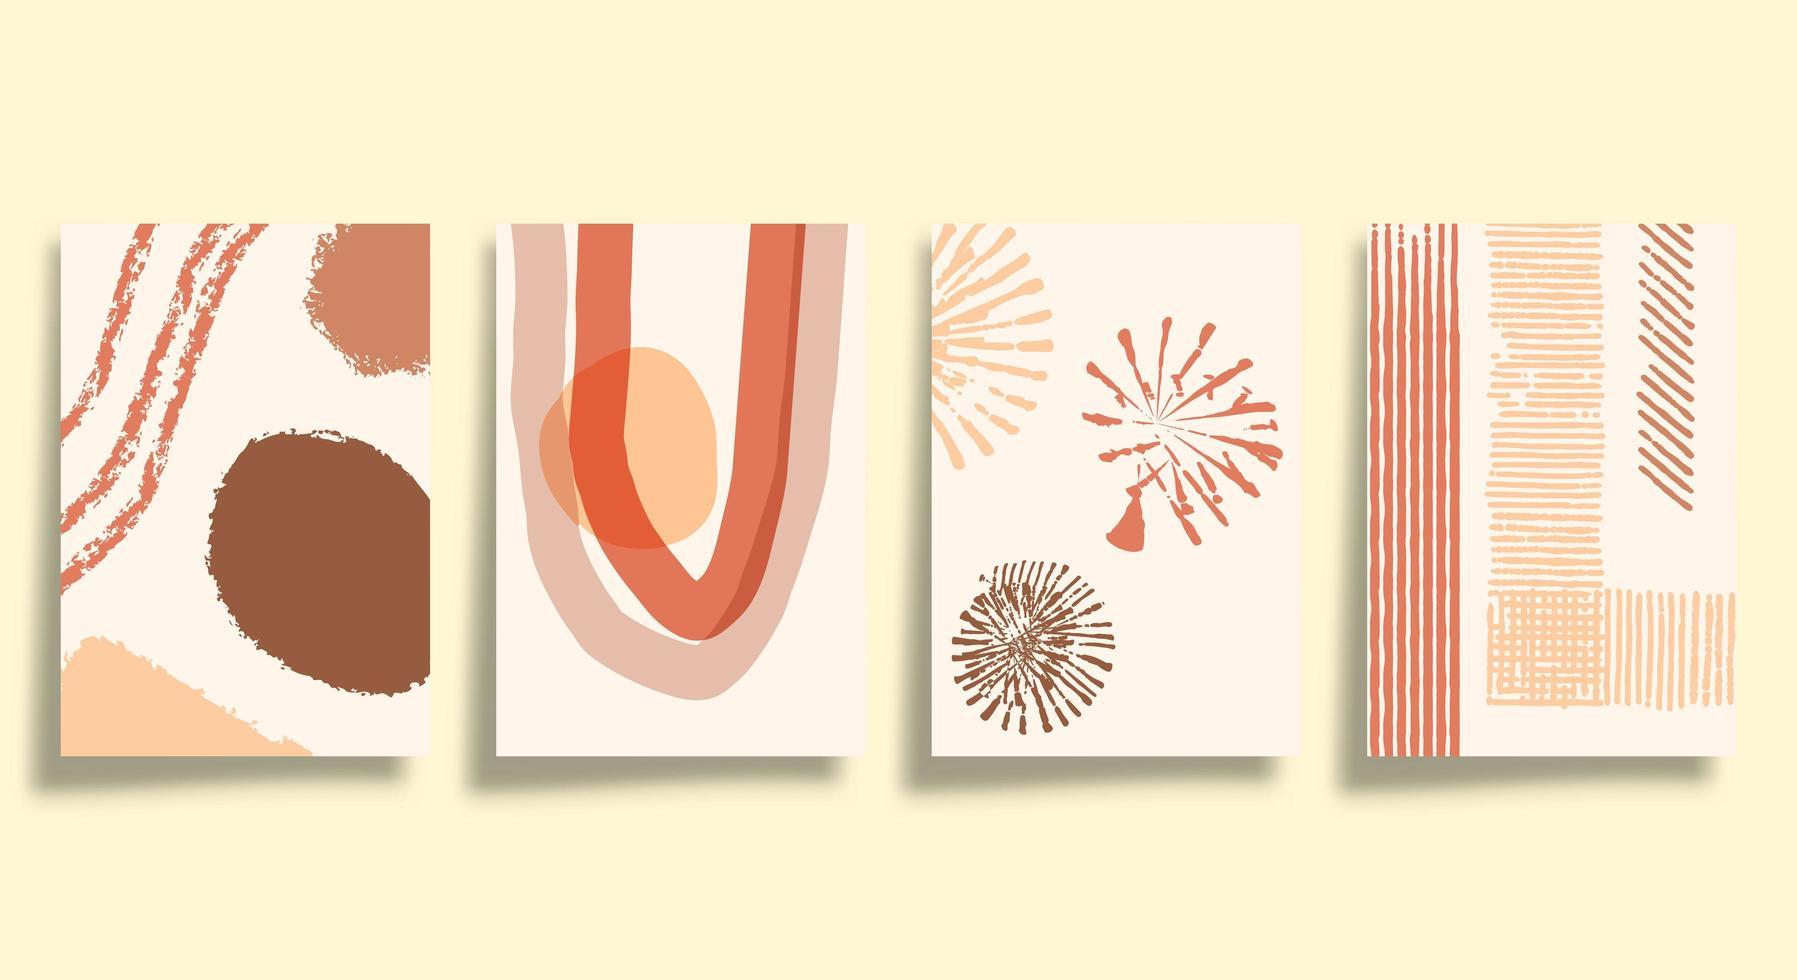 ensemble de couvertures de typographie minimaliste abstraite vecteur